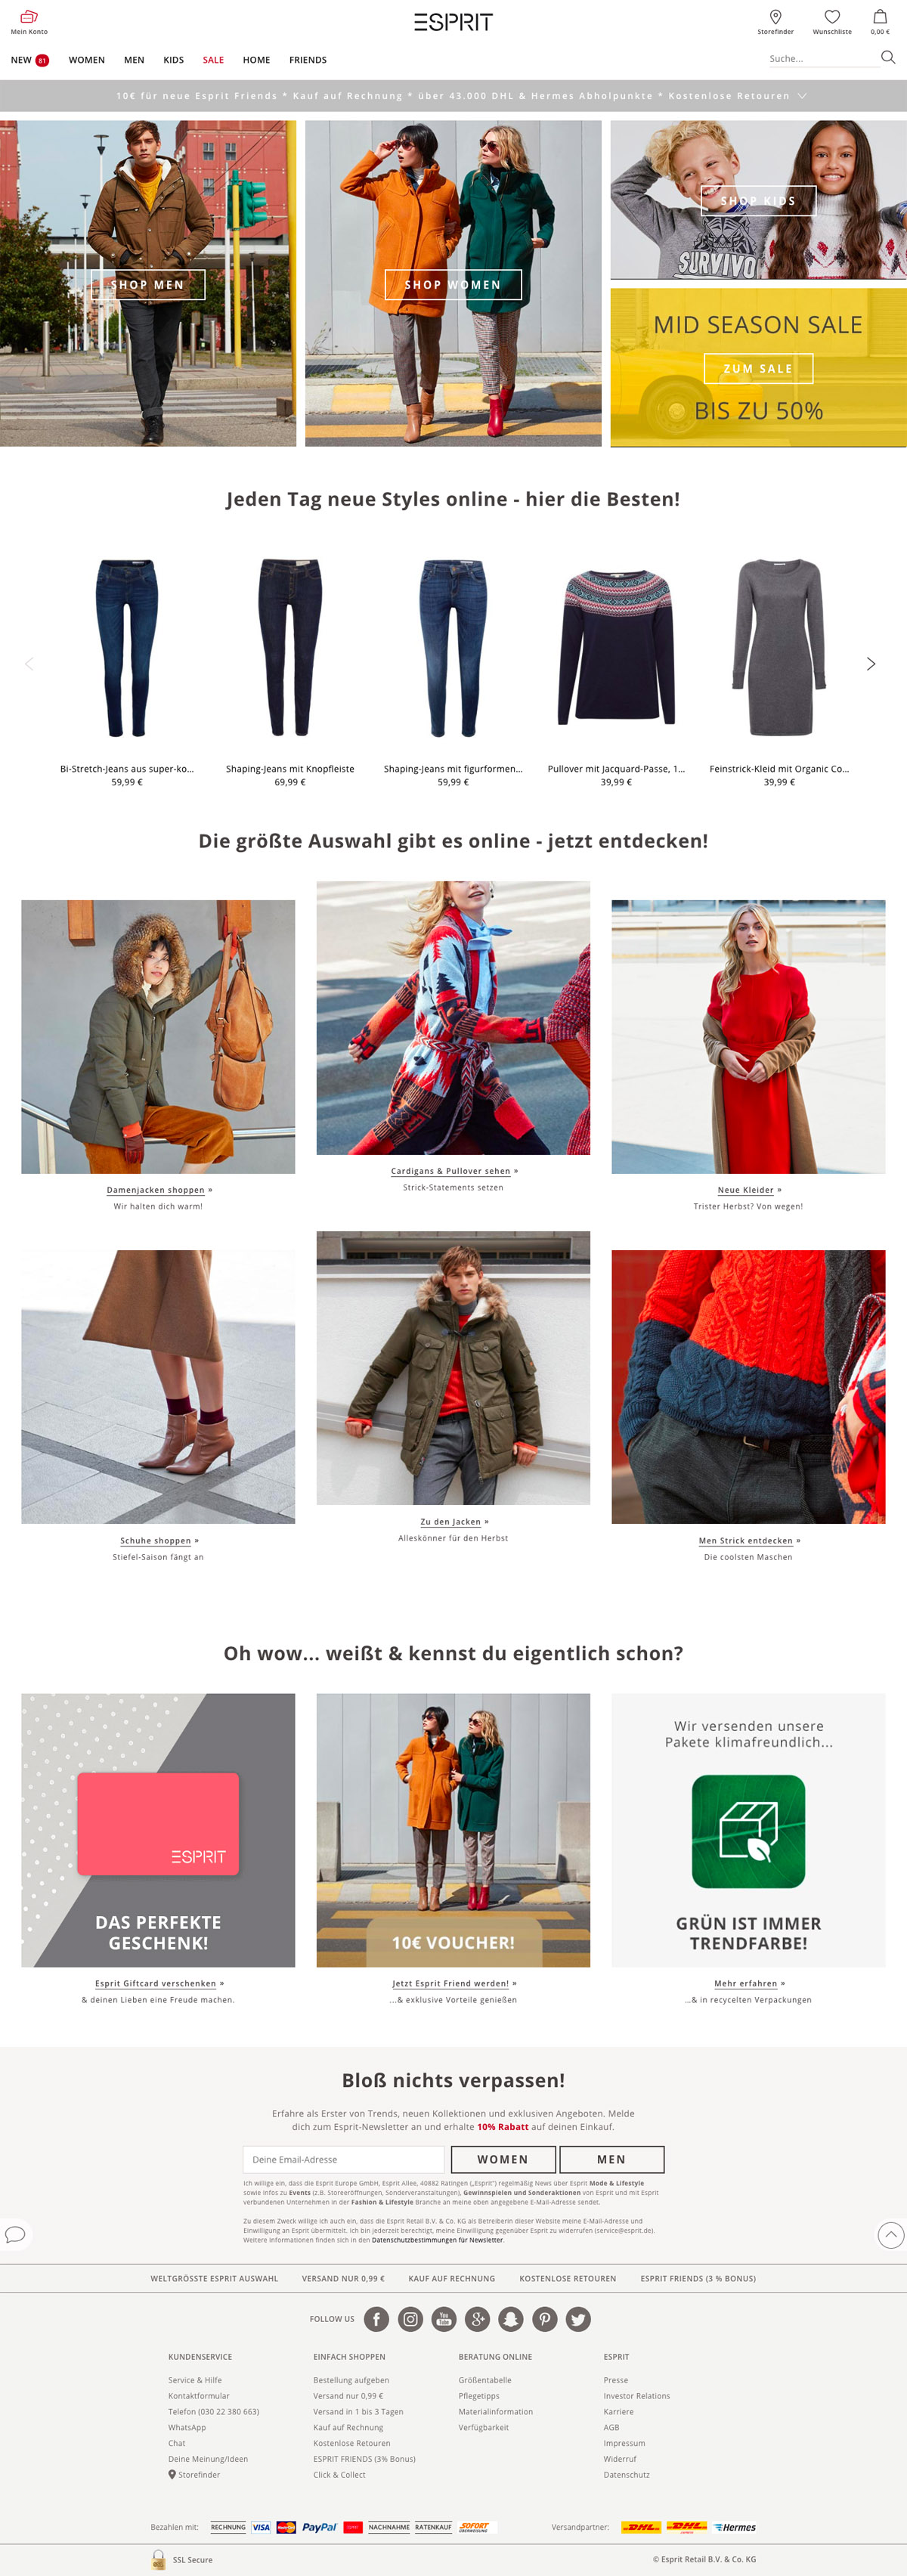 eCommerce website: ESPRIT